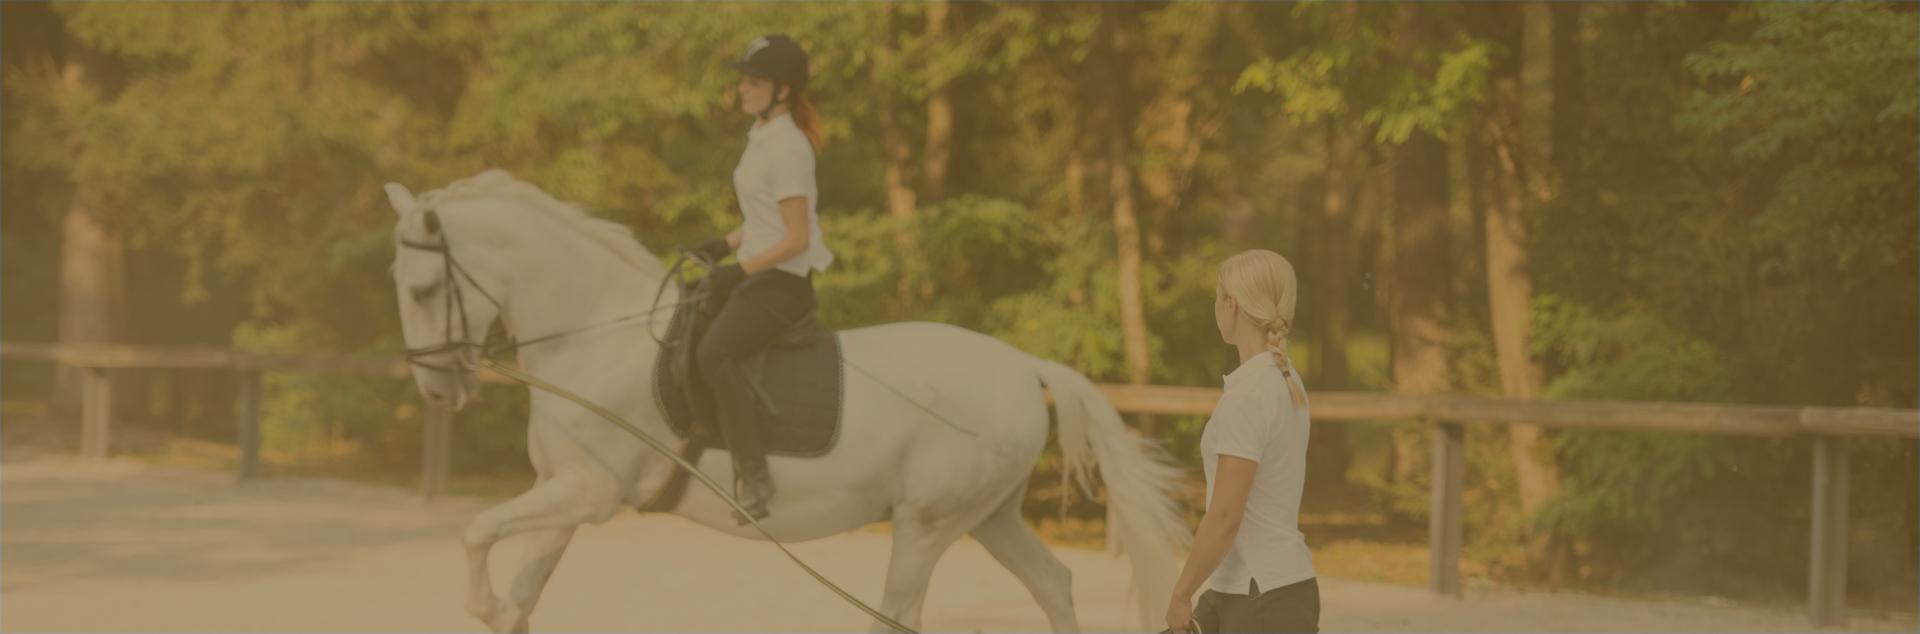 Interscholastic Equestrian Association (IEA) Teams